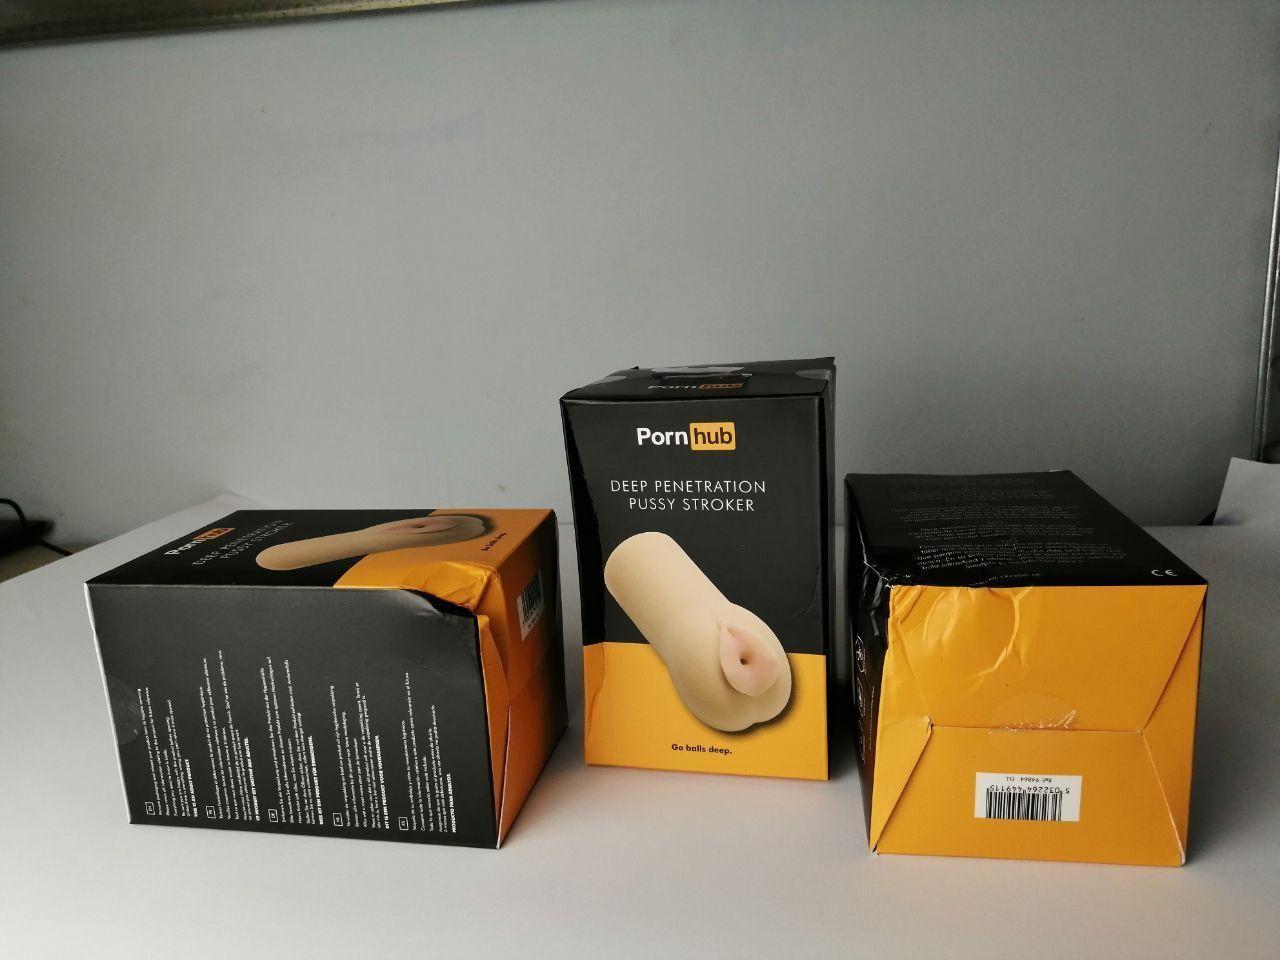 Мастурбатор Pornhub Deep Penetration Stroker (испорченная упаковка)